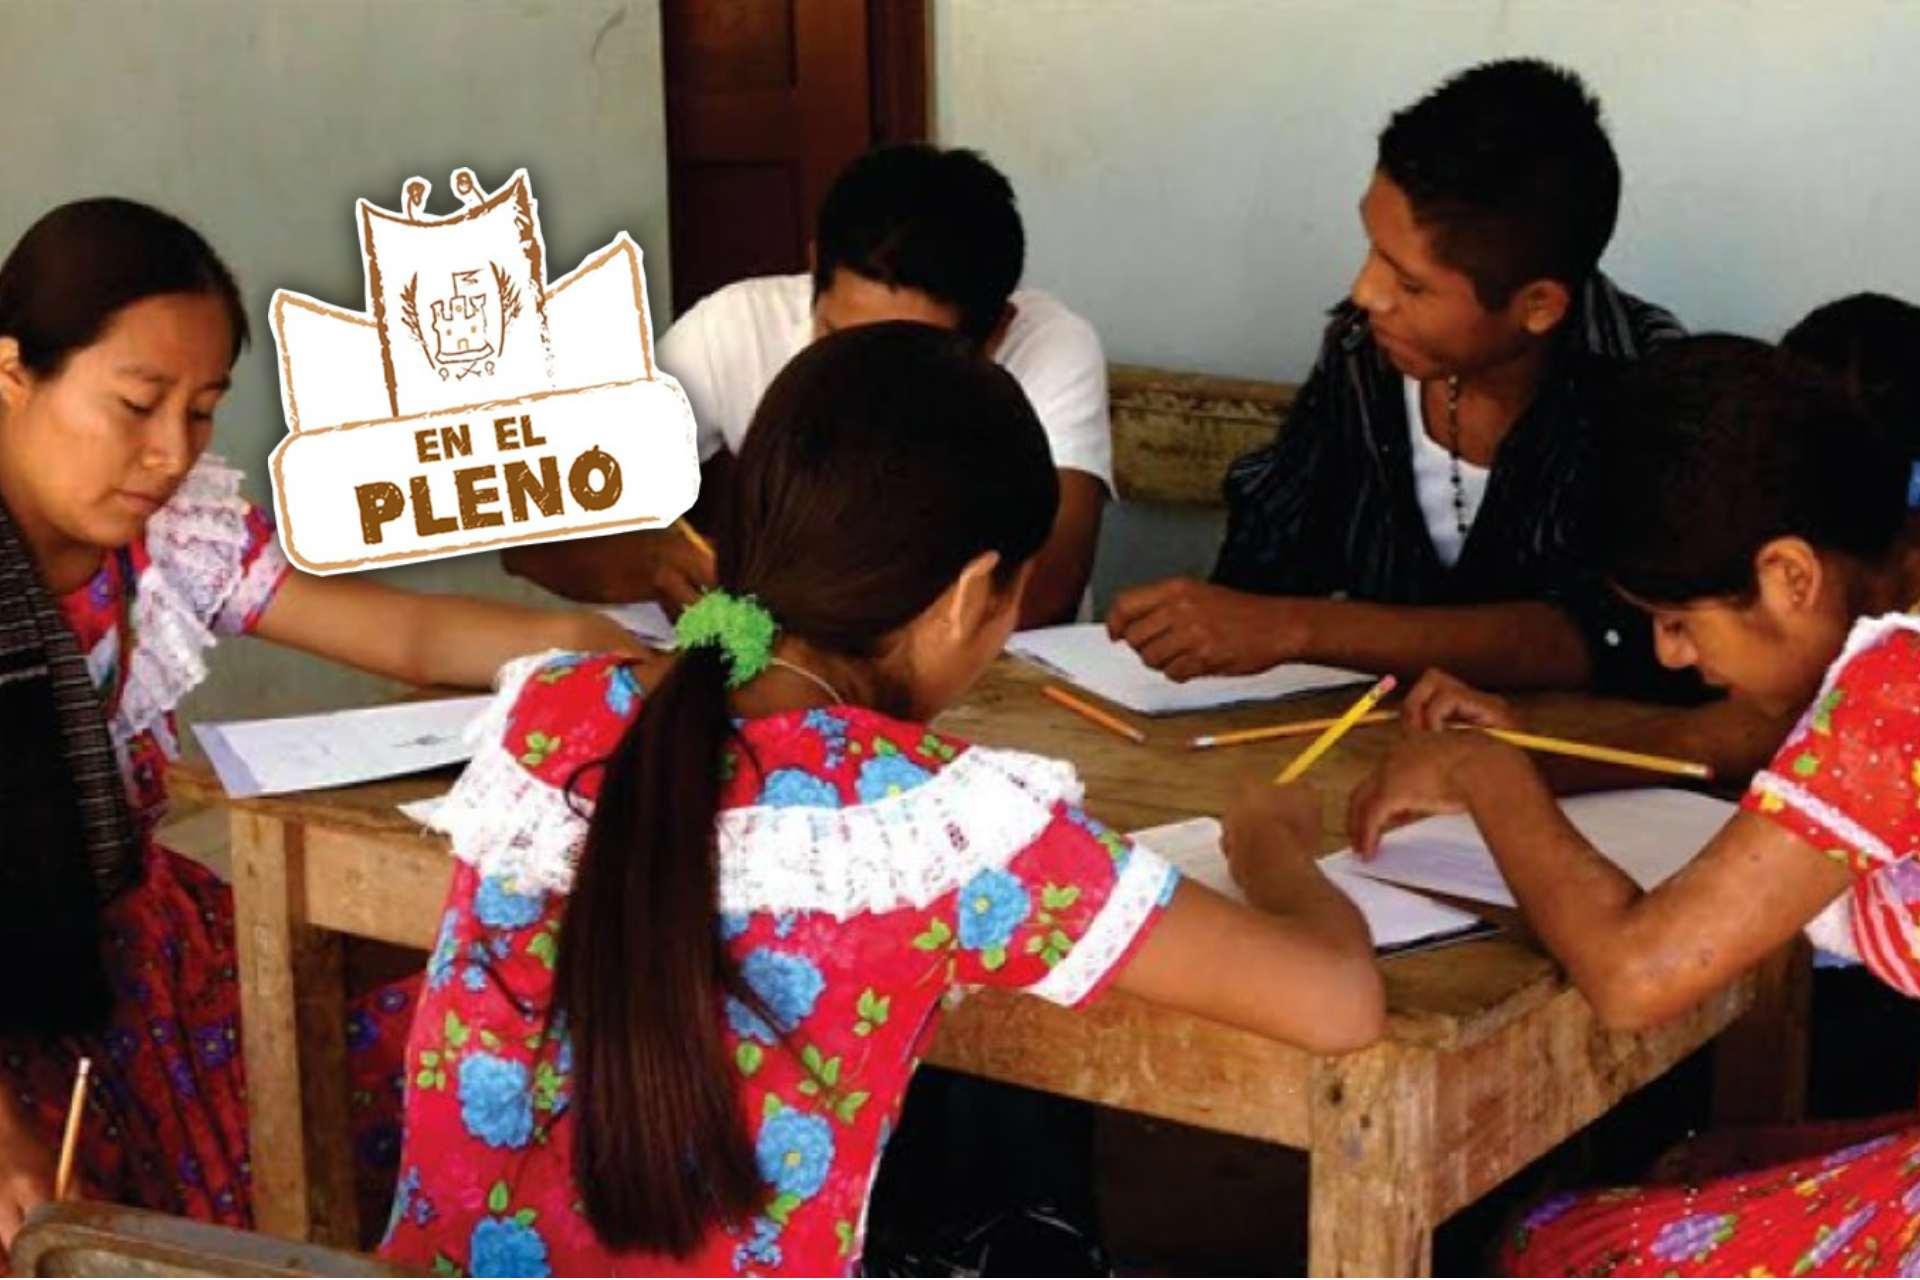 Indígenas-Tlaxcala-educación-SCJN.